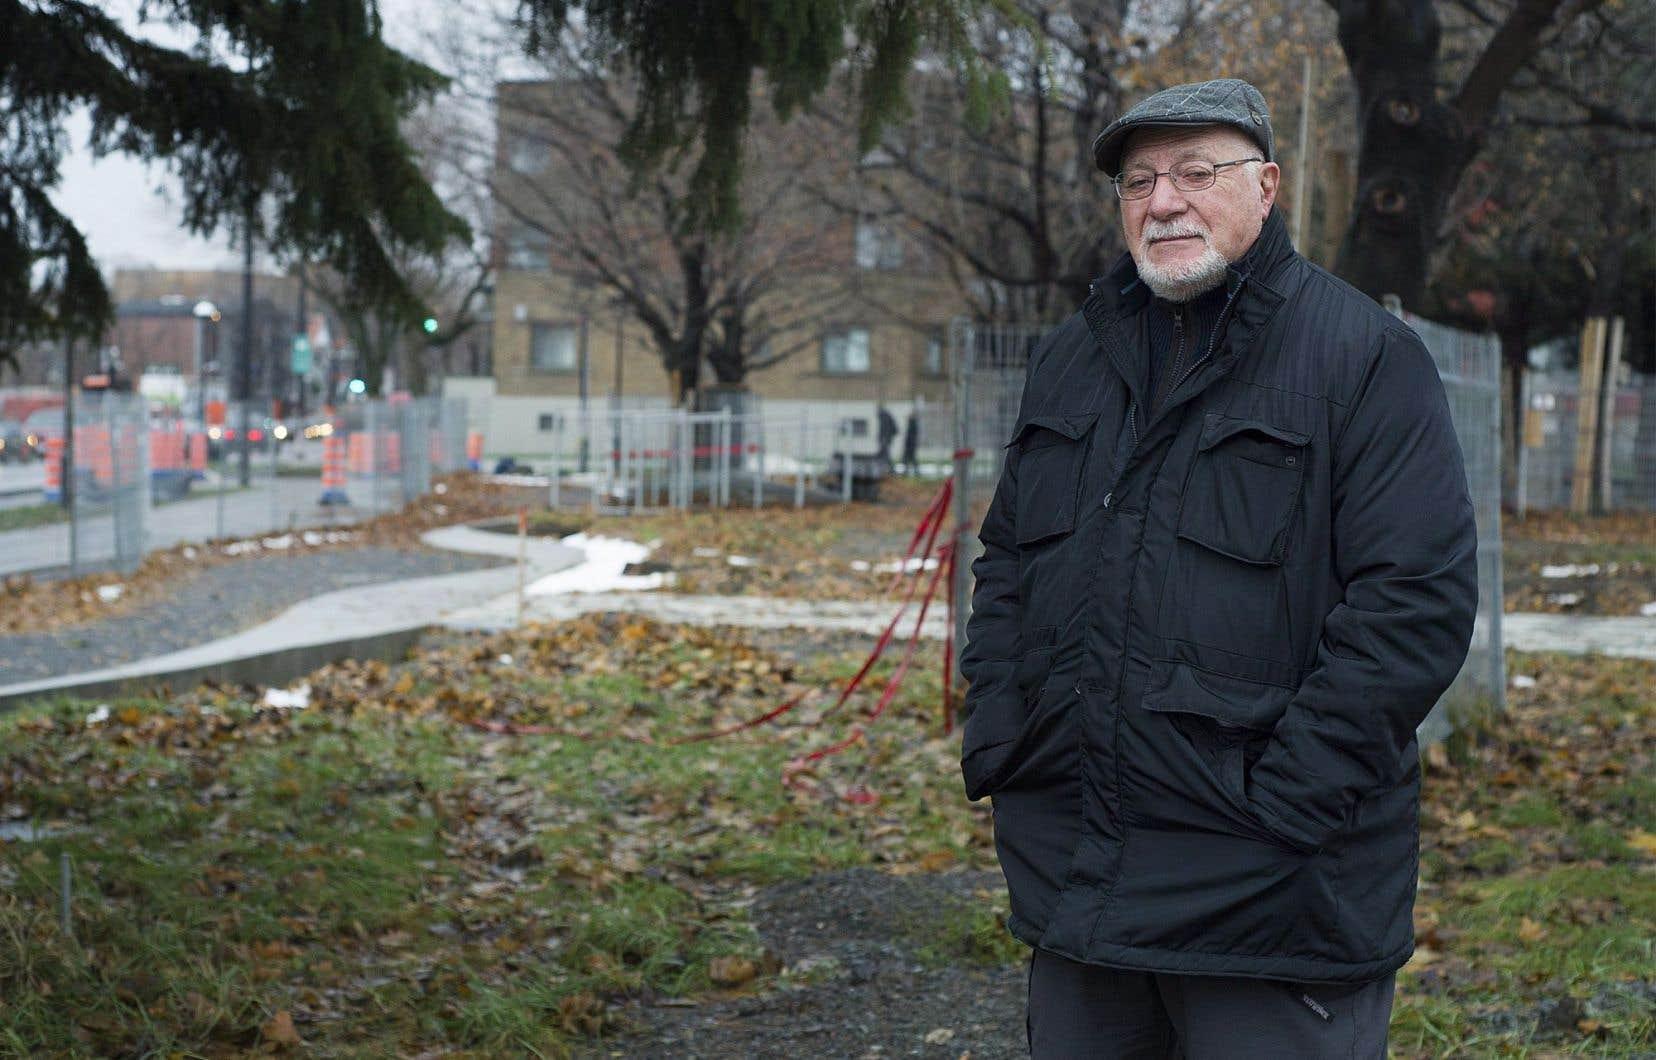 Roger Nincheri, petit-fils de l'artiste Guido Nincheri, dans le parc qui porte son nom.